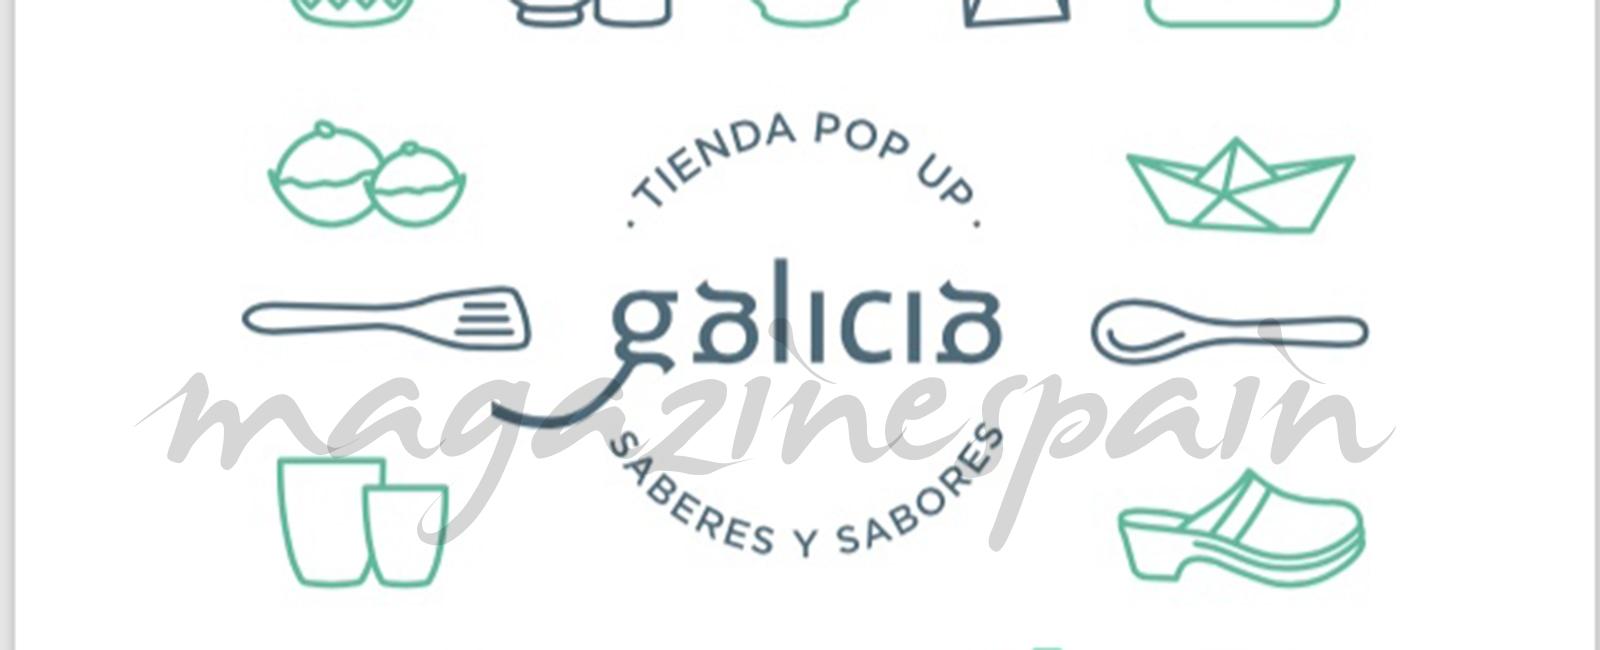 Pop Up Galicia, Saberes y Sabores vuelve a Madrid